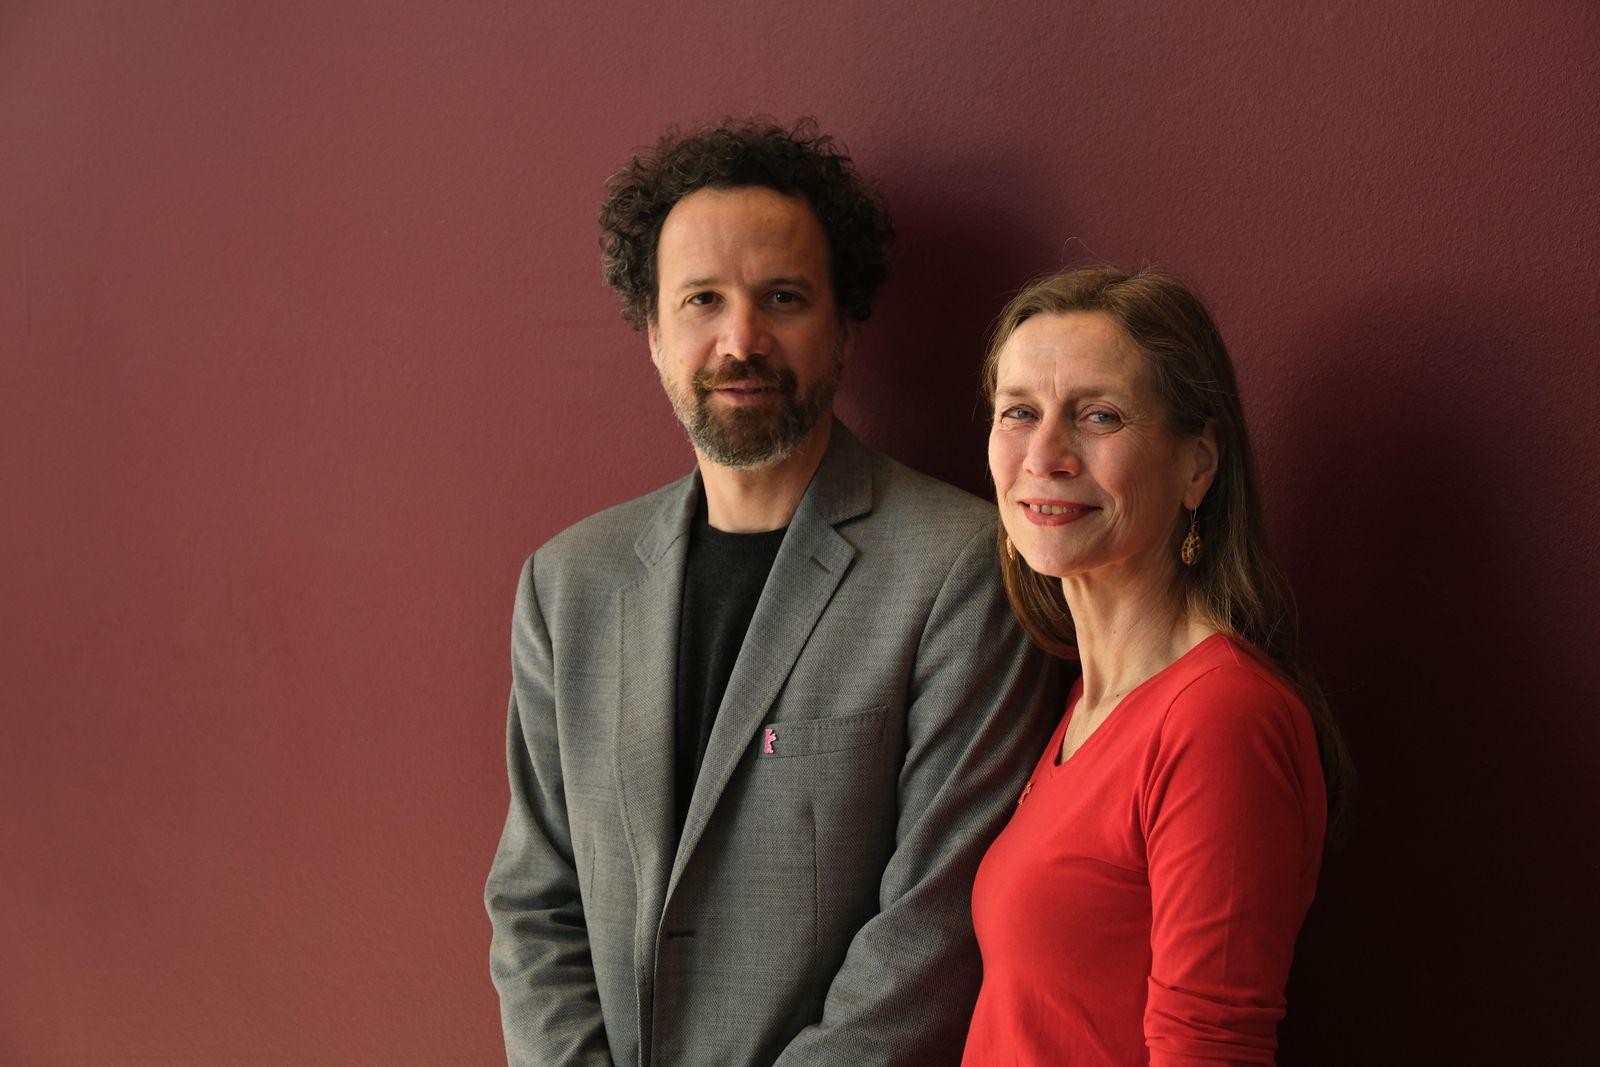 Berlinale 2020/ Carlo Chatrian/ Mariette Rissenbeek